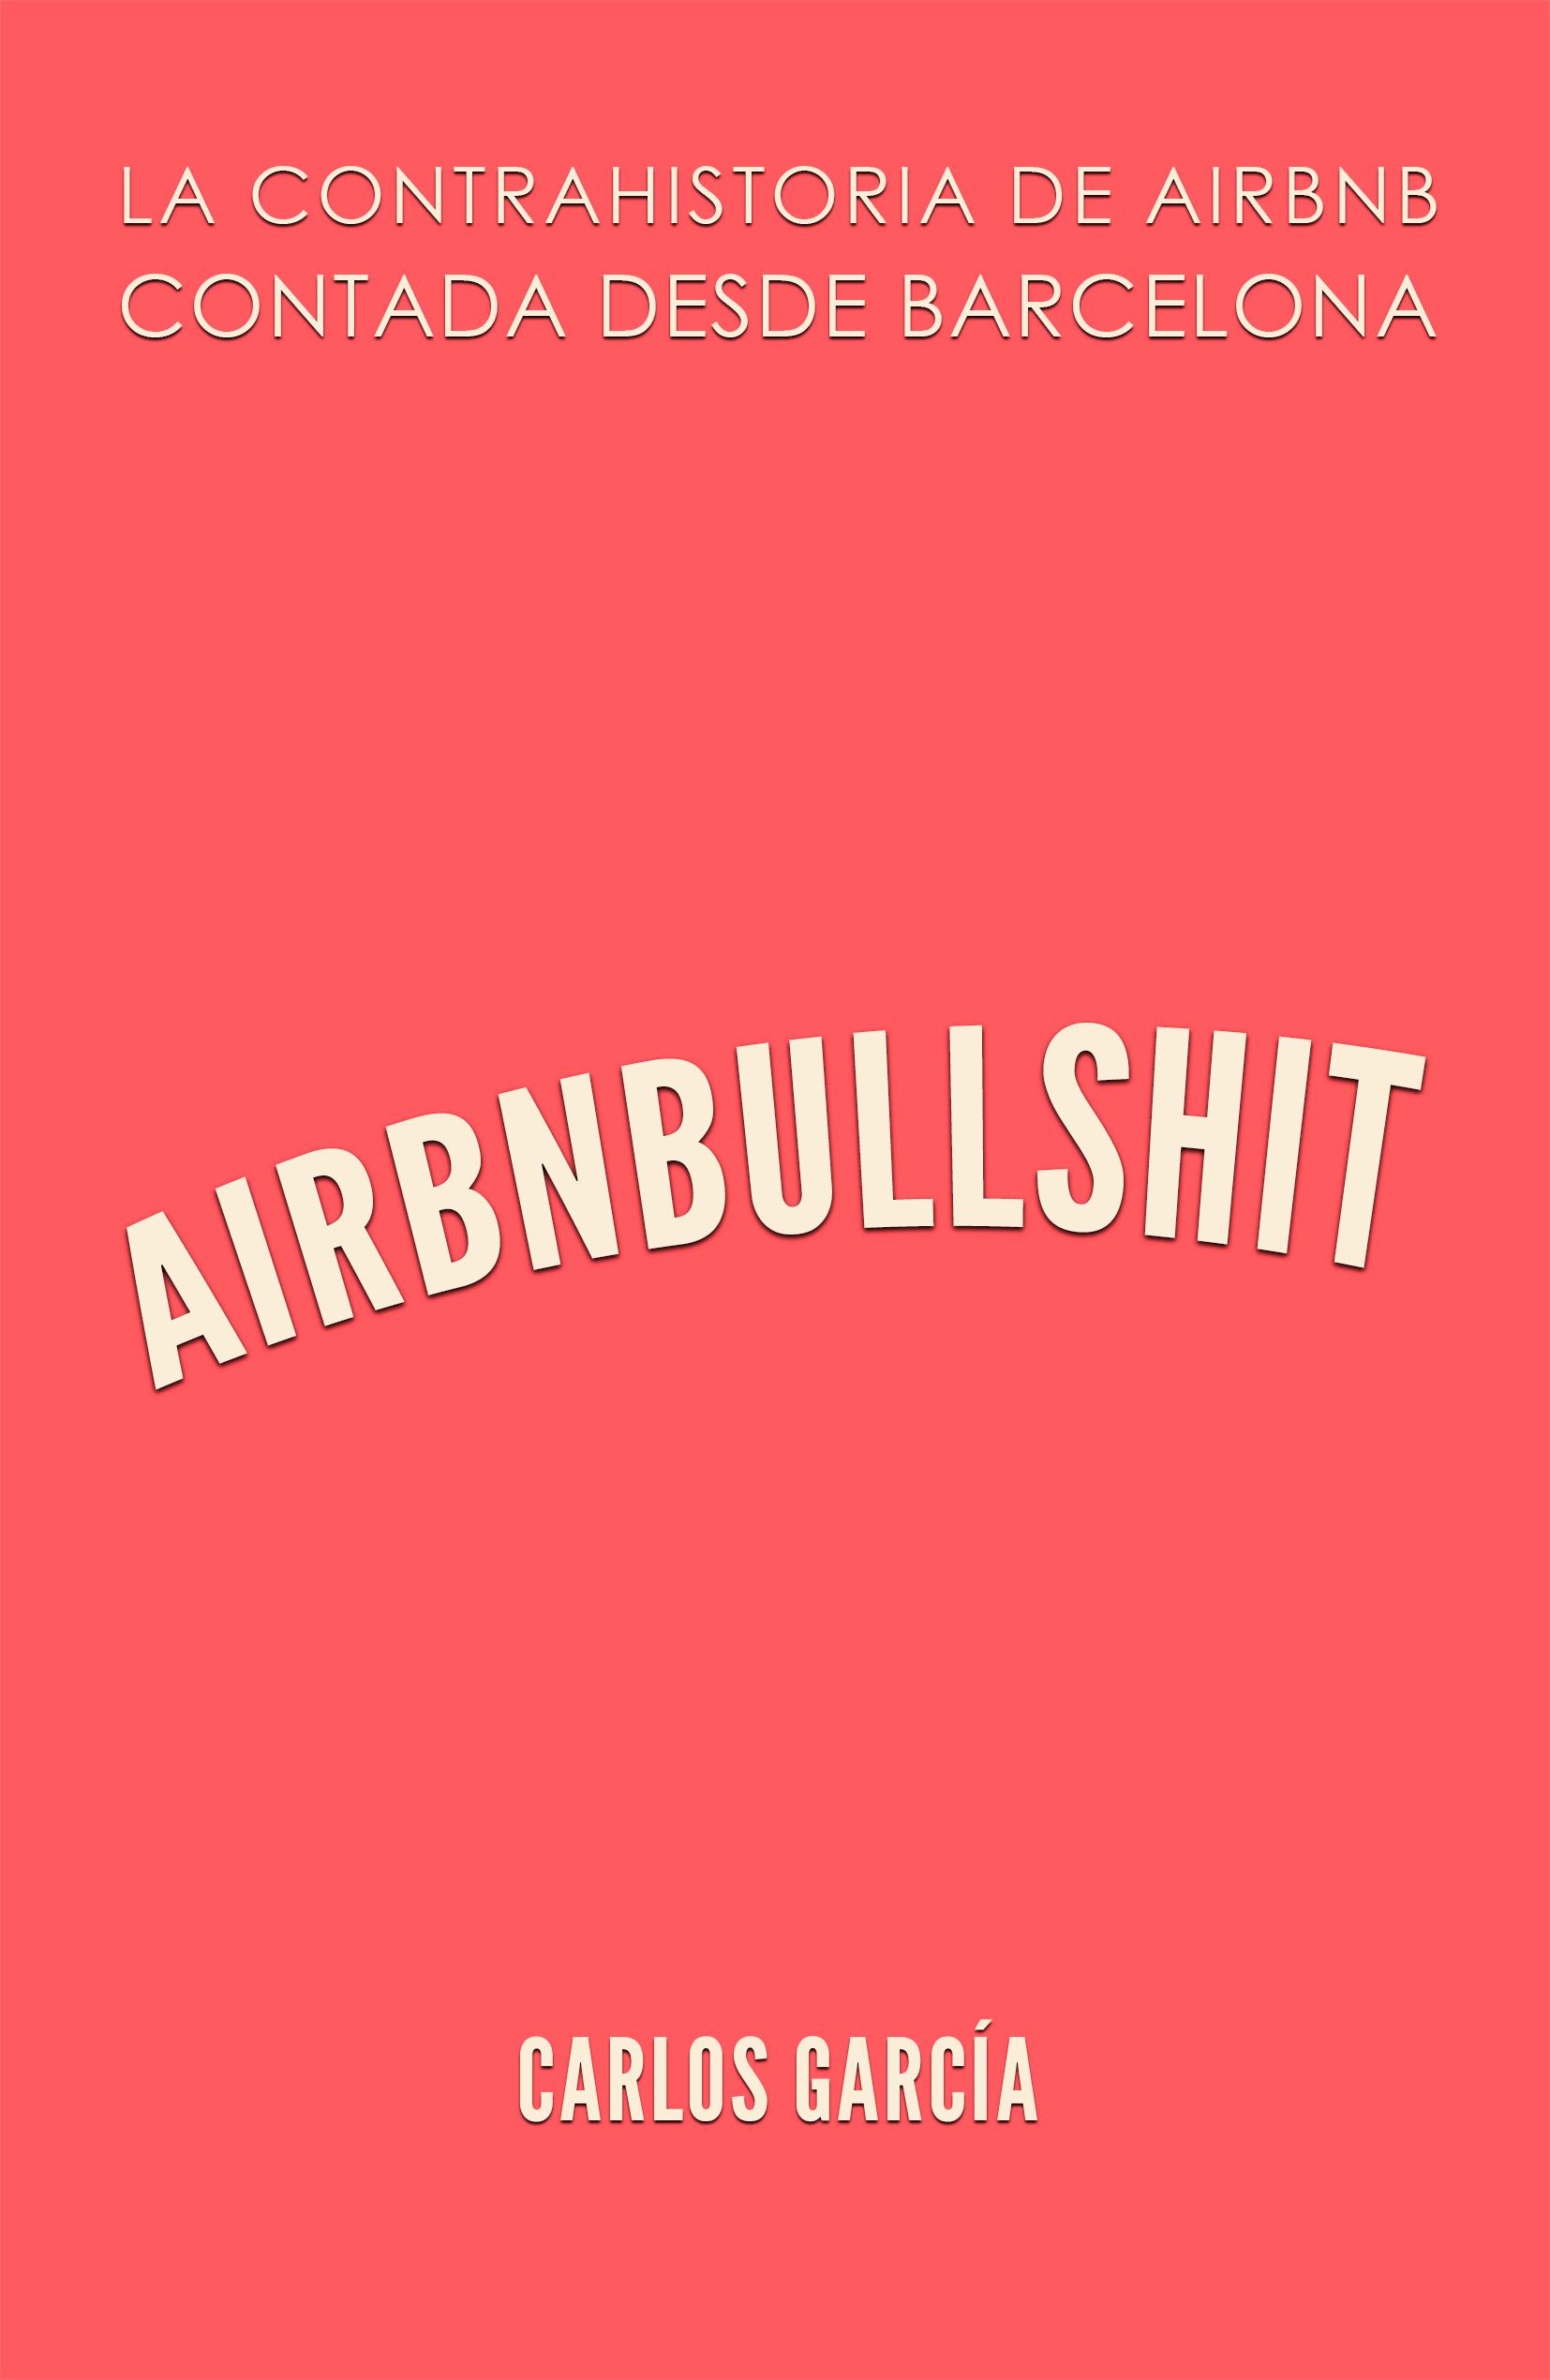 Portada Airbnbullshit la conrtra historia de Airbnb contada desde Barcelona